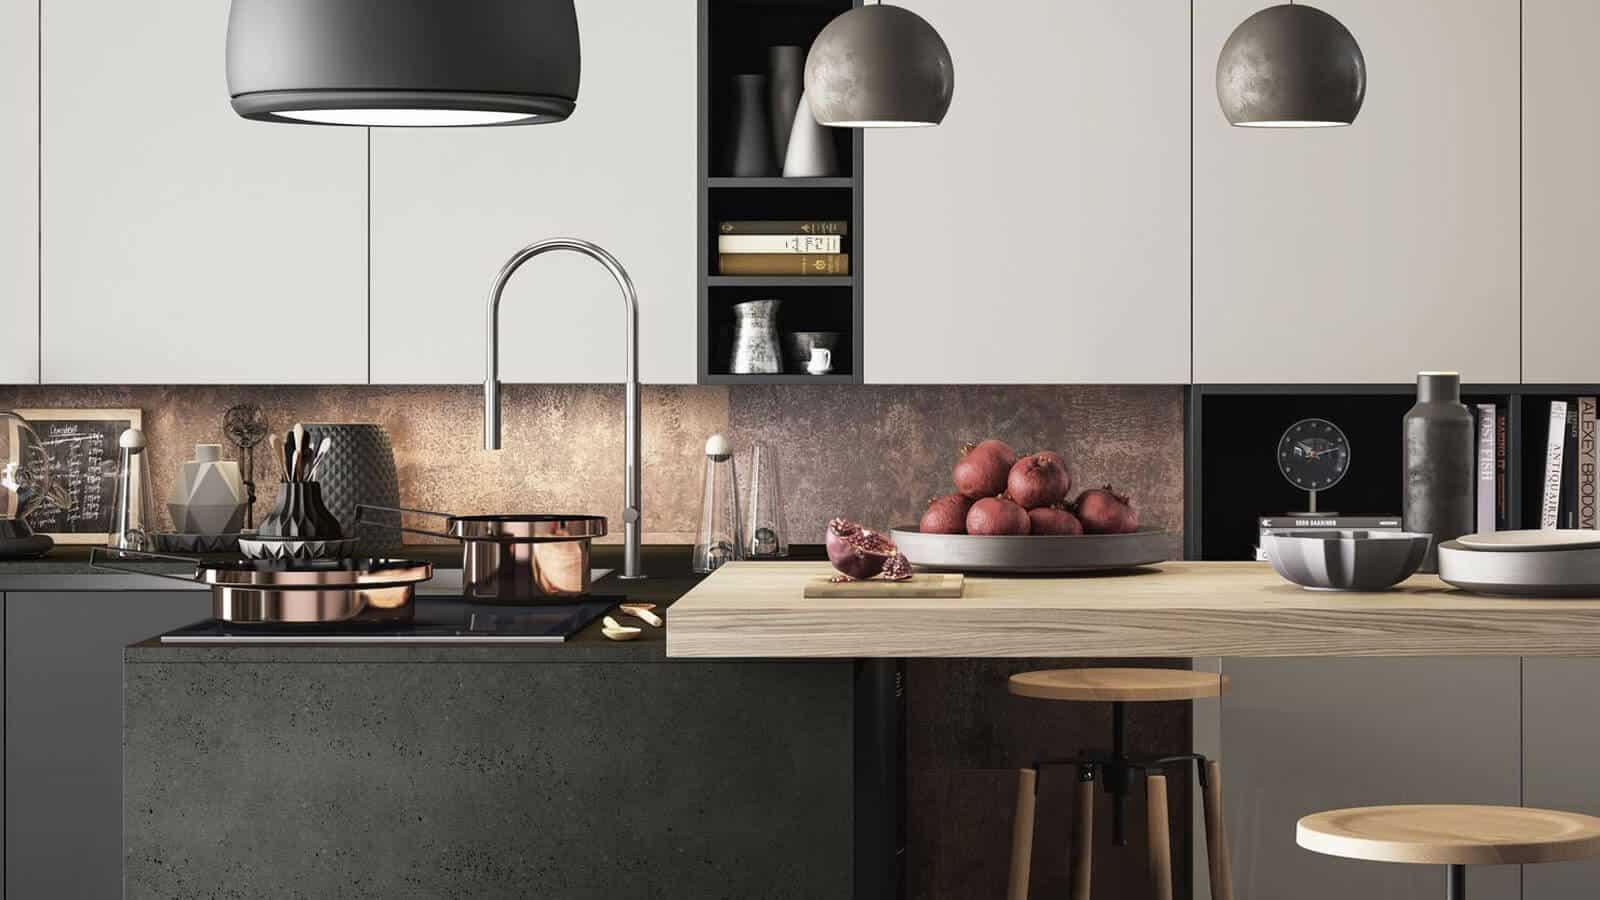 Cuisine Noir Et Blanc Mat cuisine noire | fabrication italienne | optimal annecy